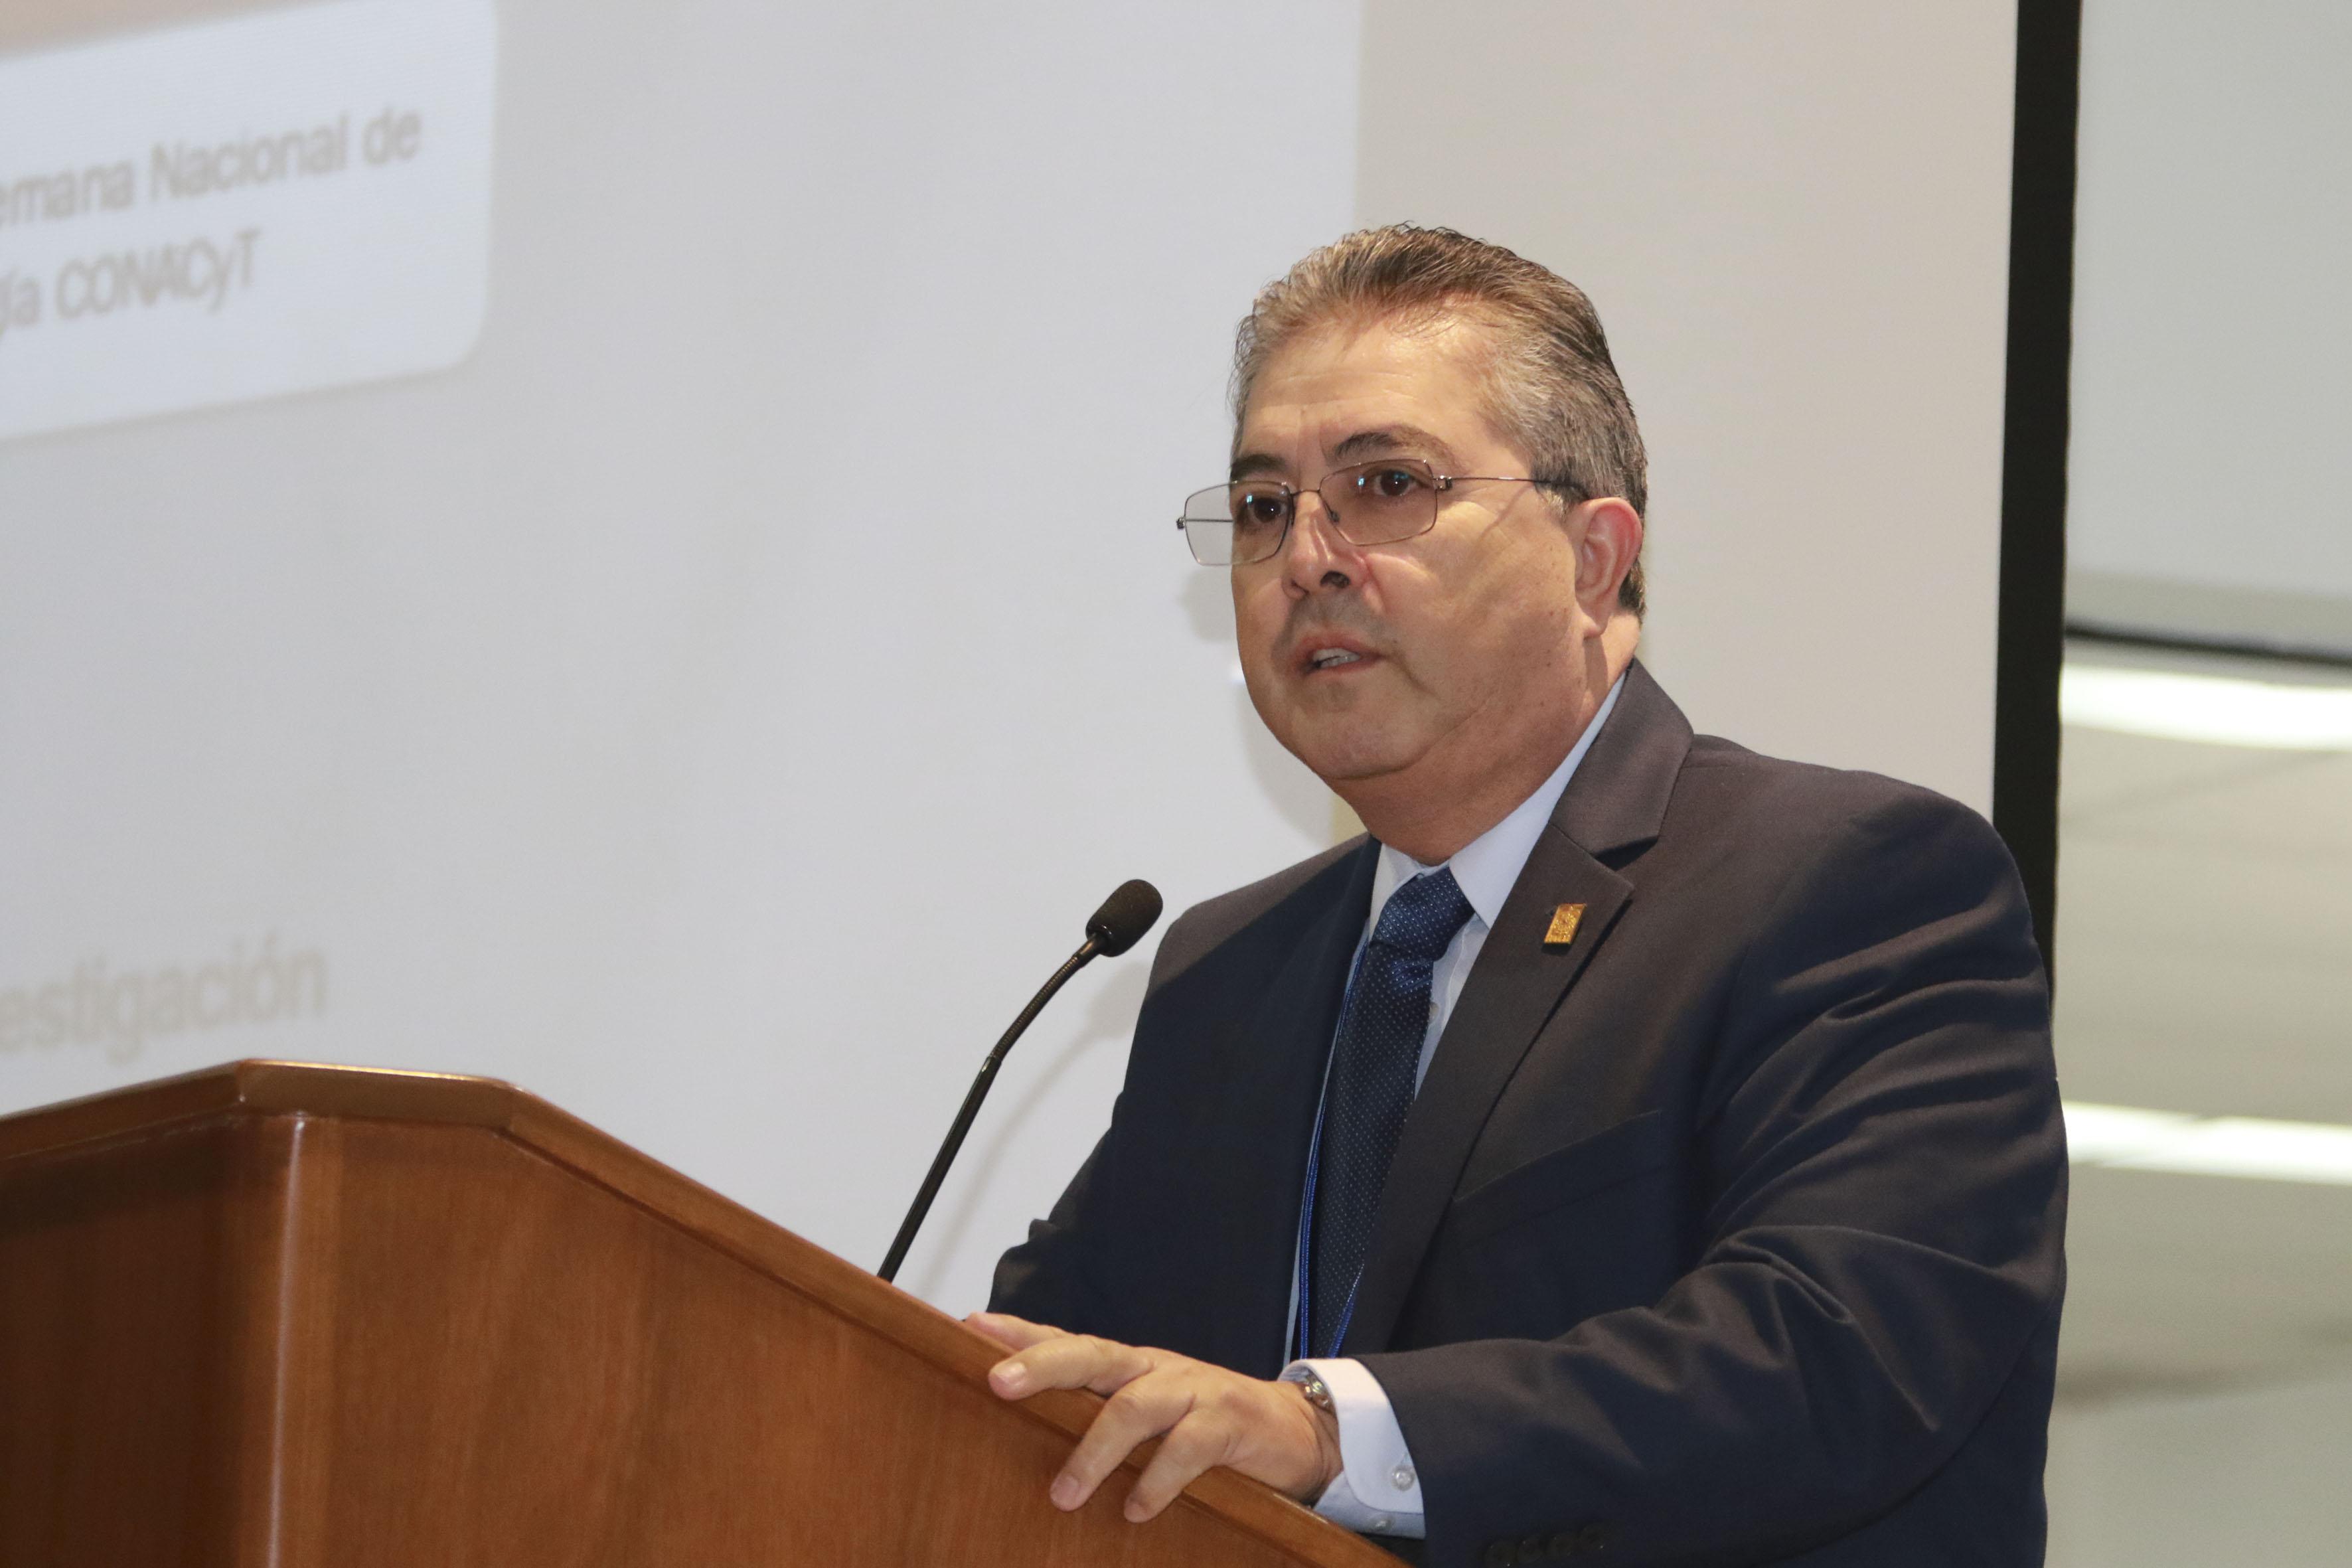 Doctor Carlos Beas Zárate, Rector del CUCBA, con micrófono en podium haciendo uso de la palabra.